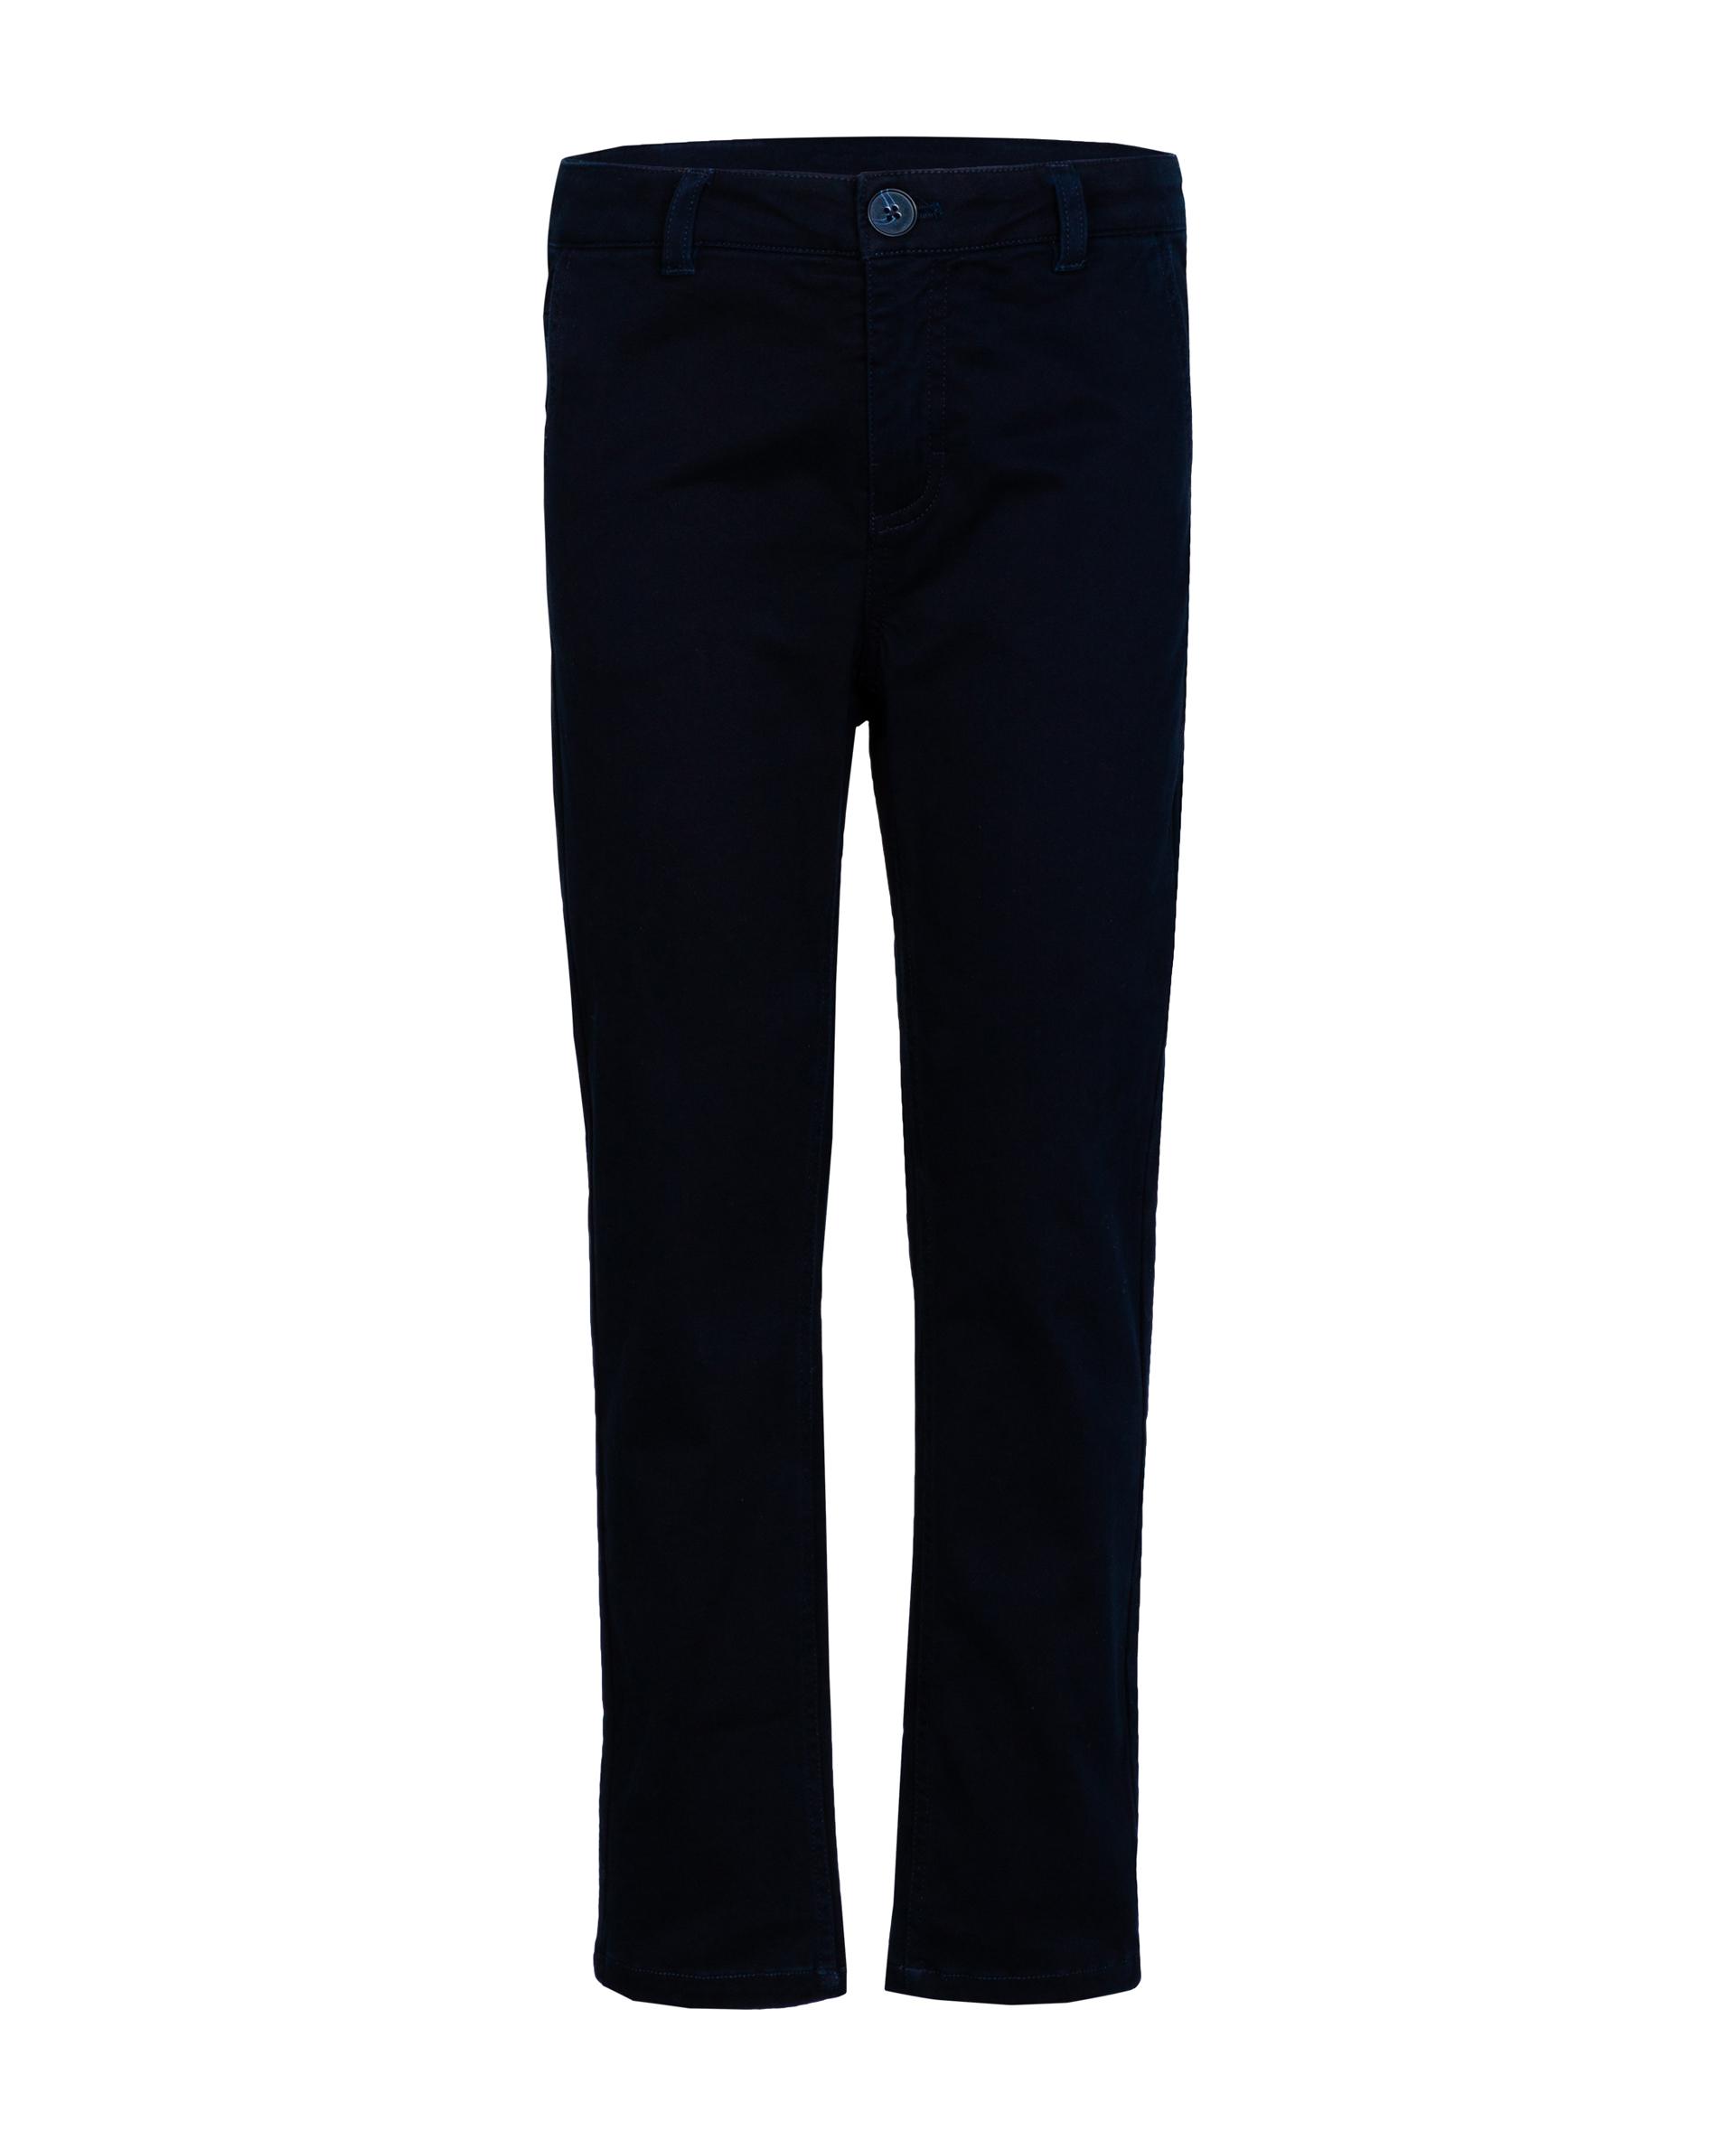 Купить 219GSBC6307, Синие брюки Gulliver, синий, 128, Мужской, ШКОЛЬНАЯ ФОРМА 2019-2020 (shop: GulliverMarket Gulliver Market)